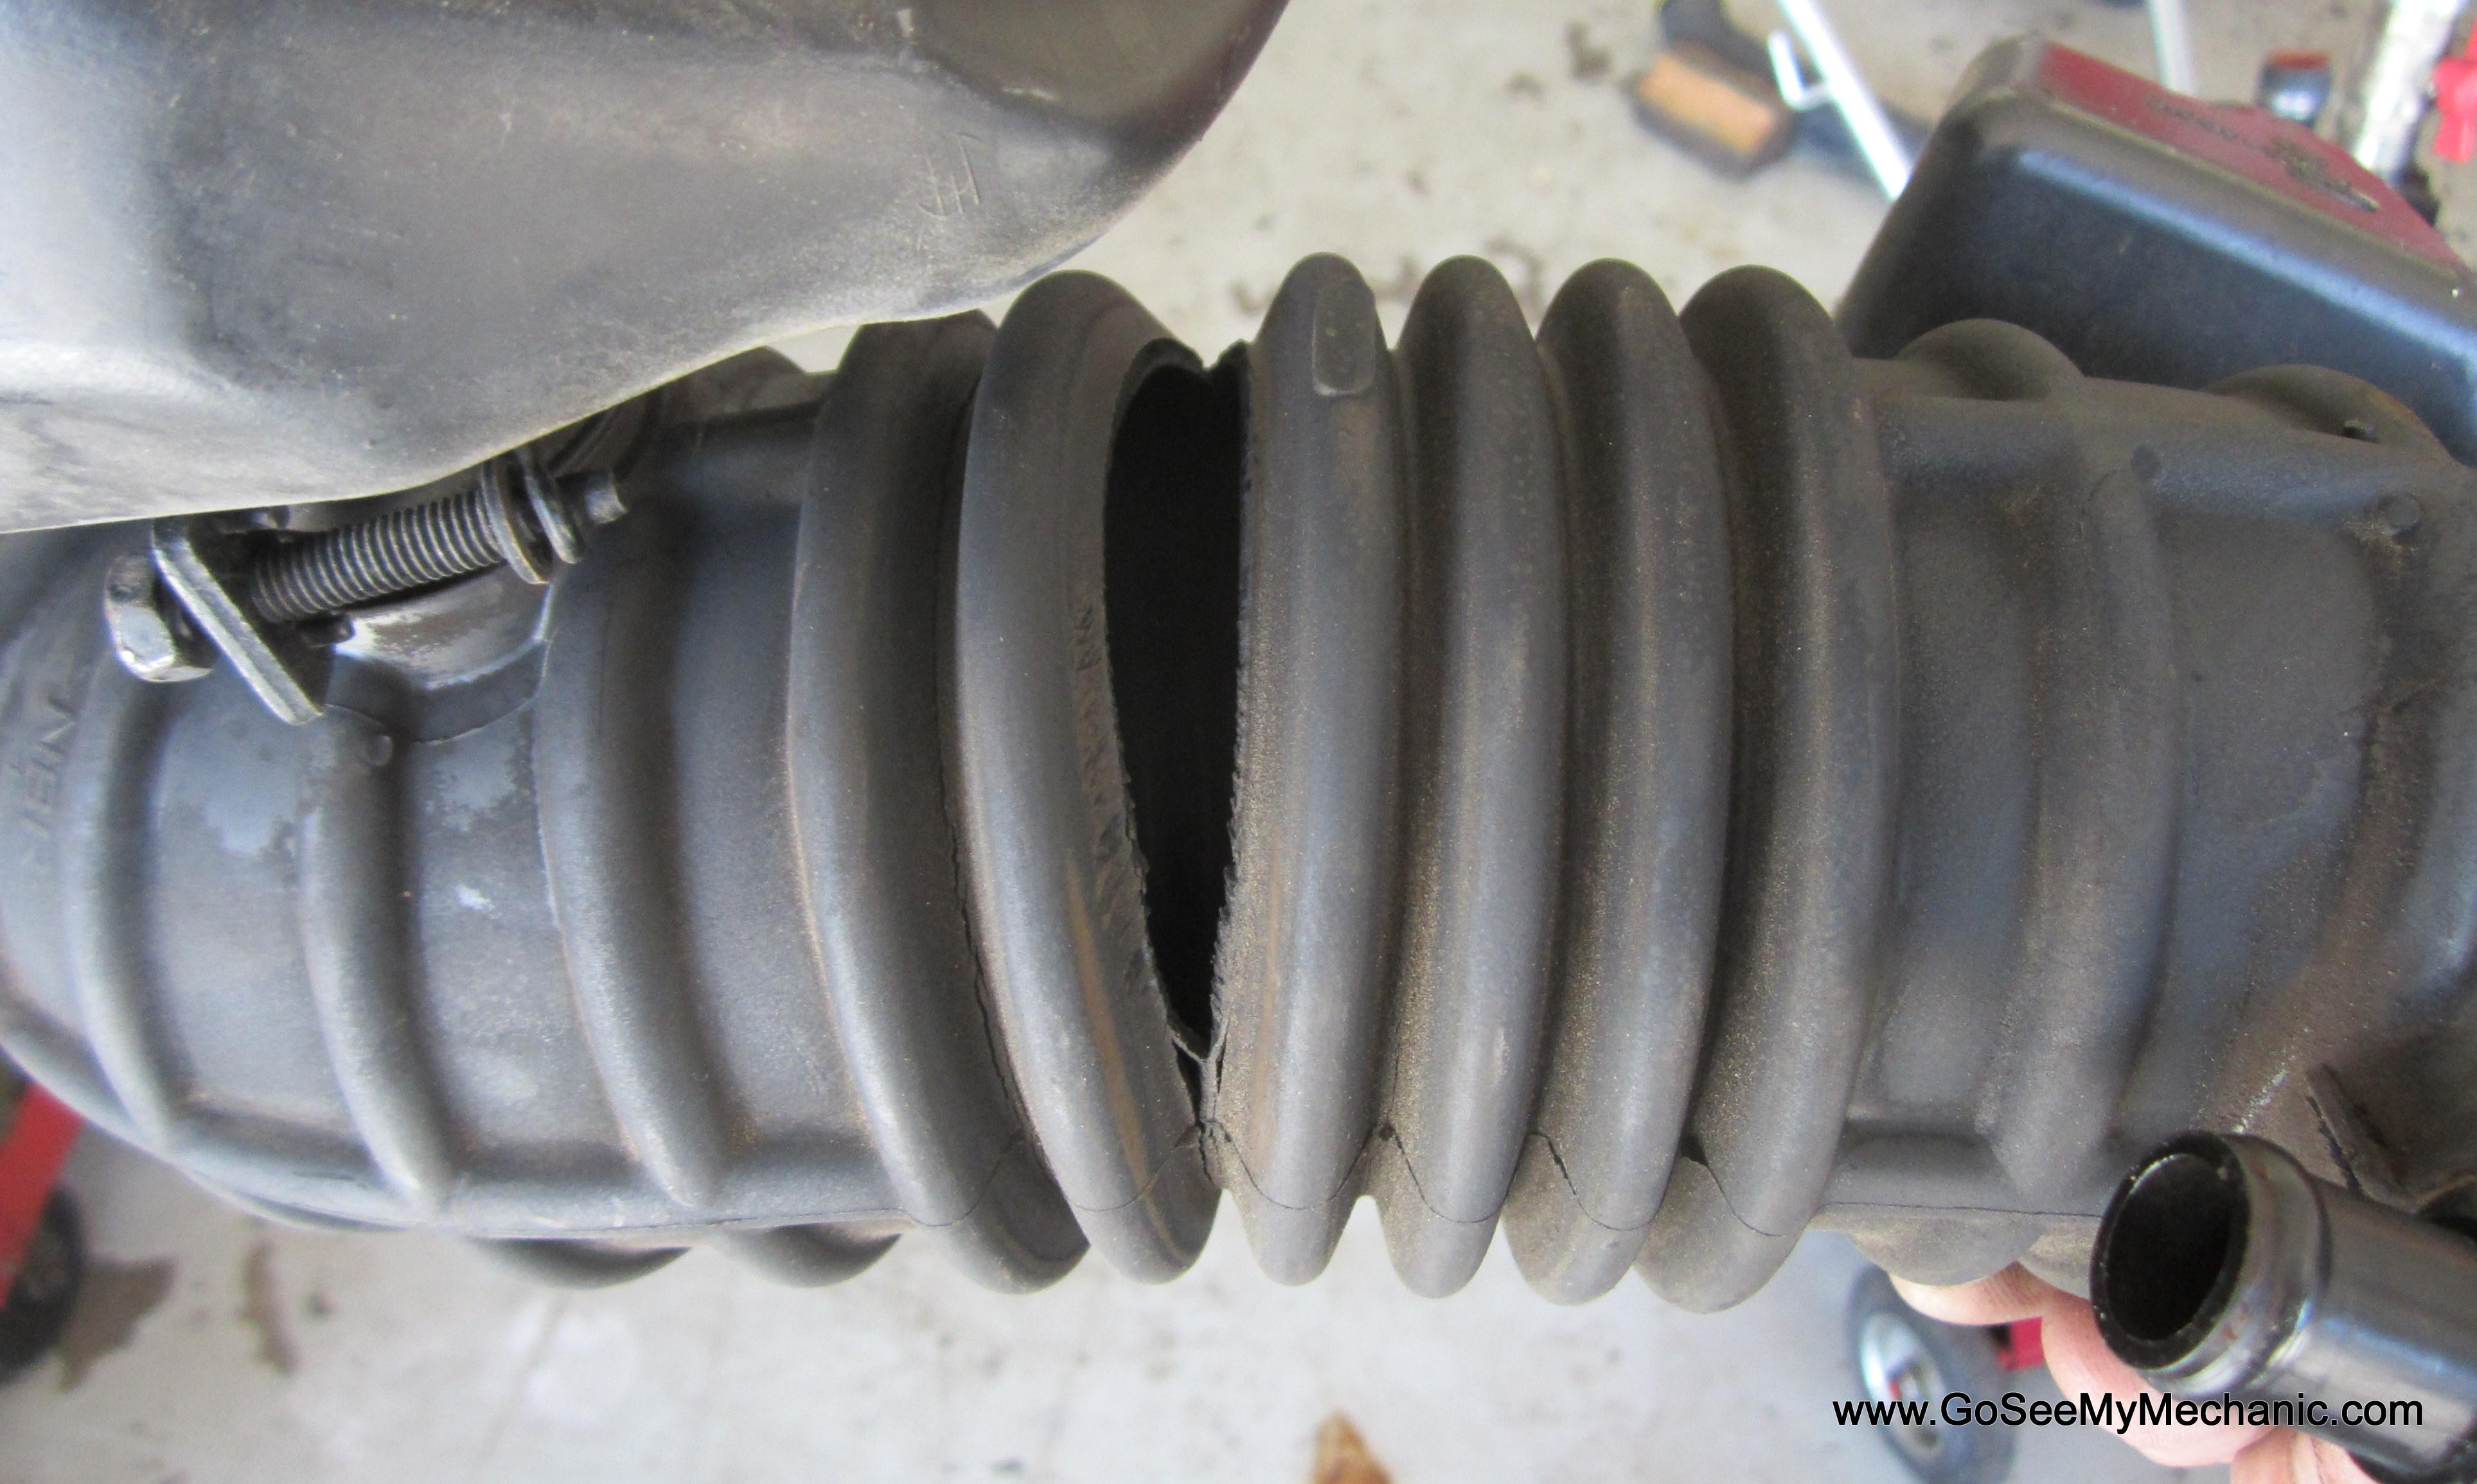 Torn air induction boot creates false air lean code P0171